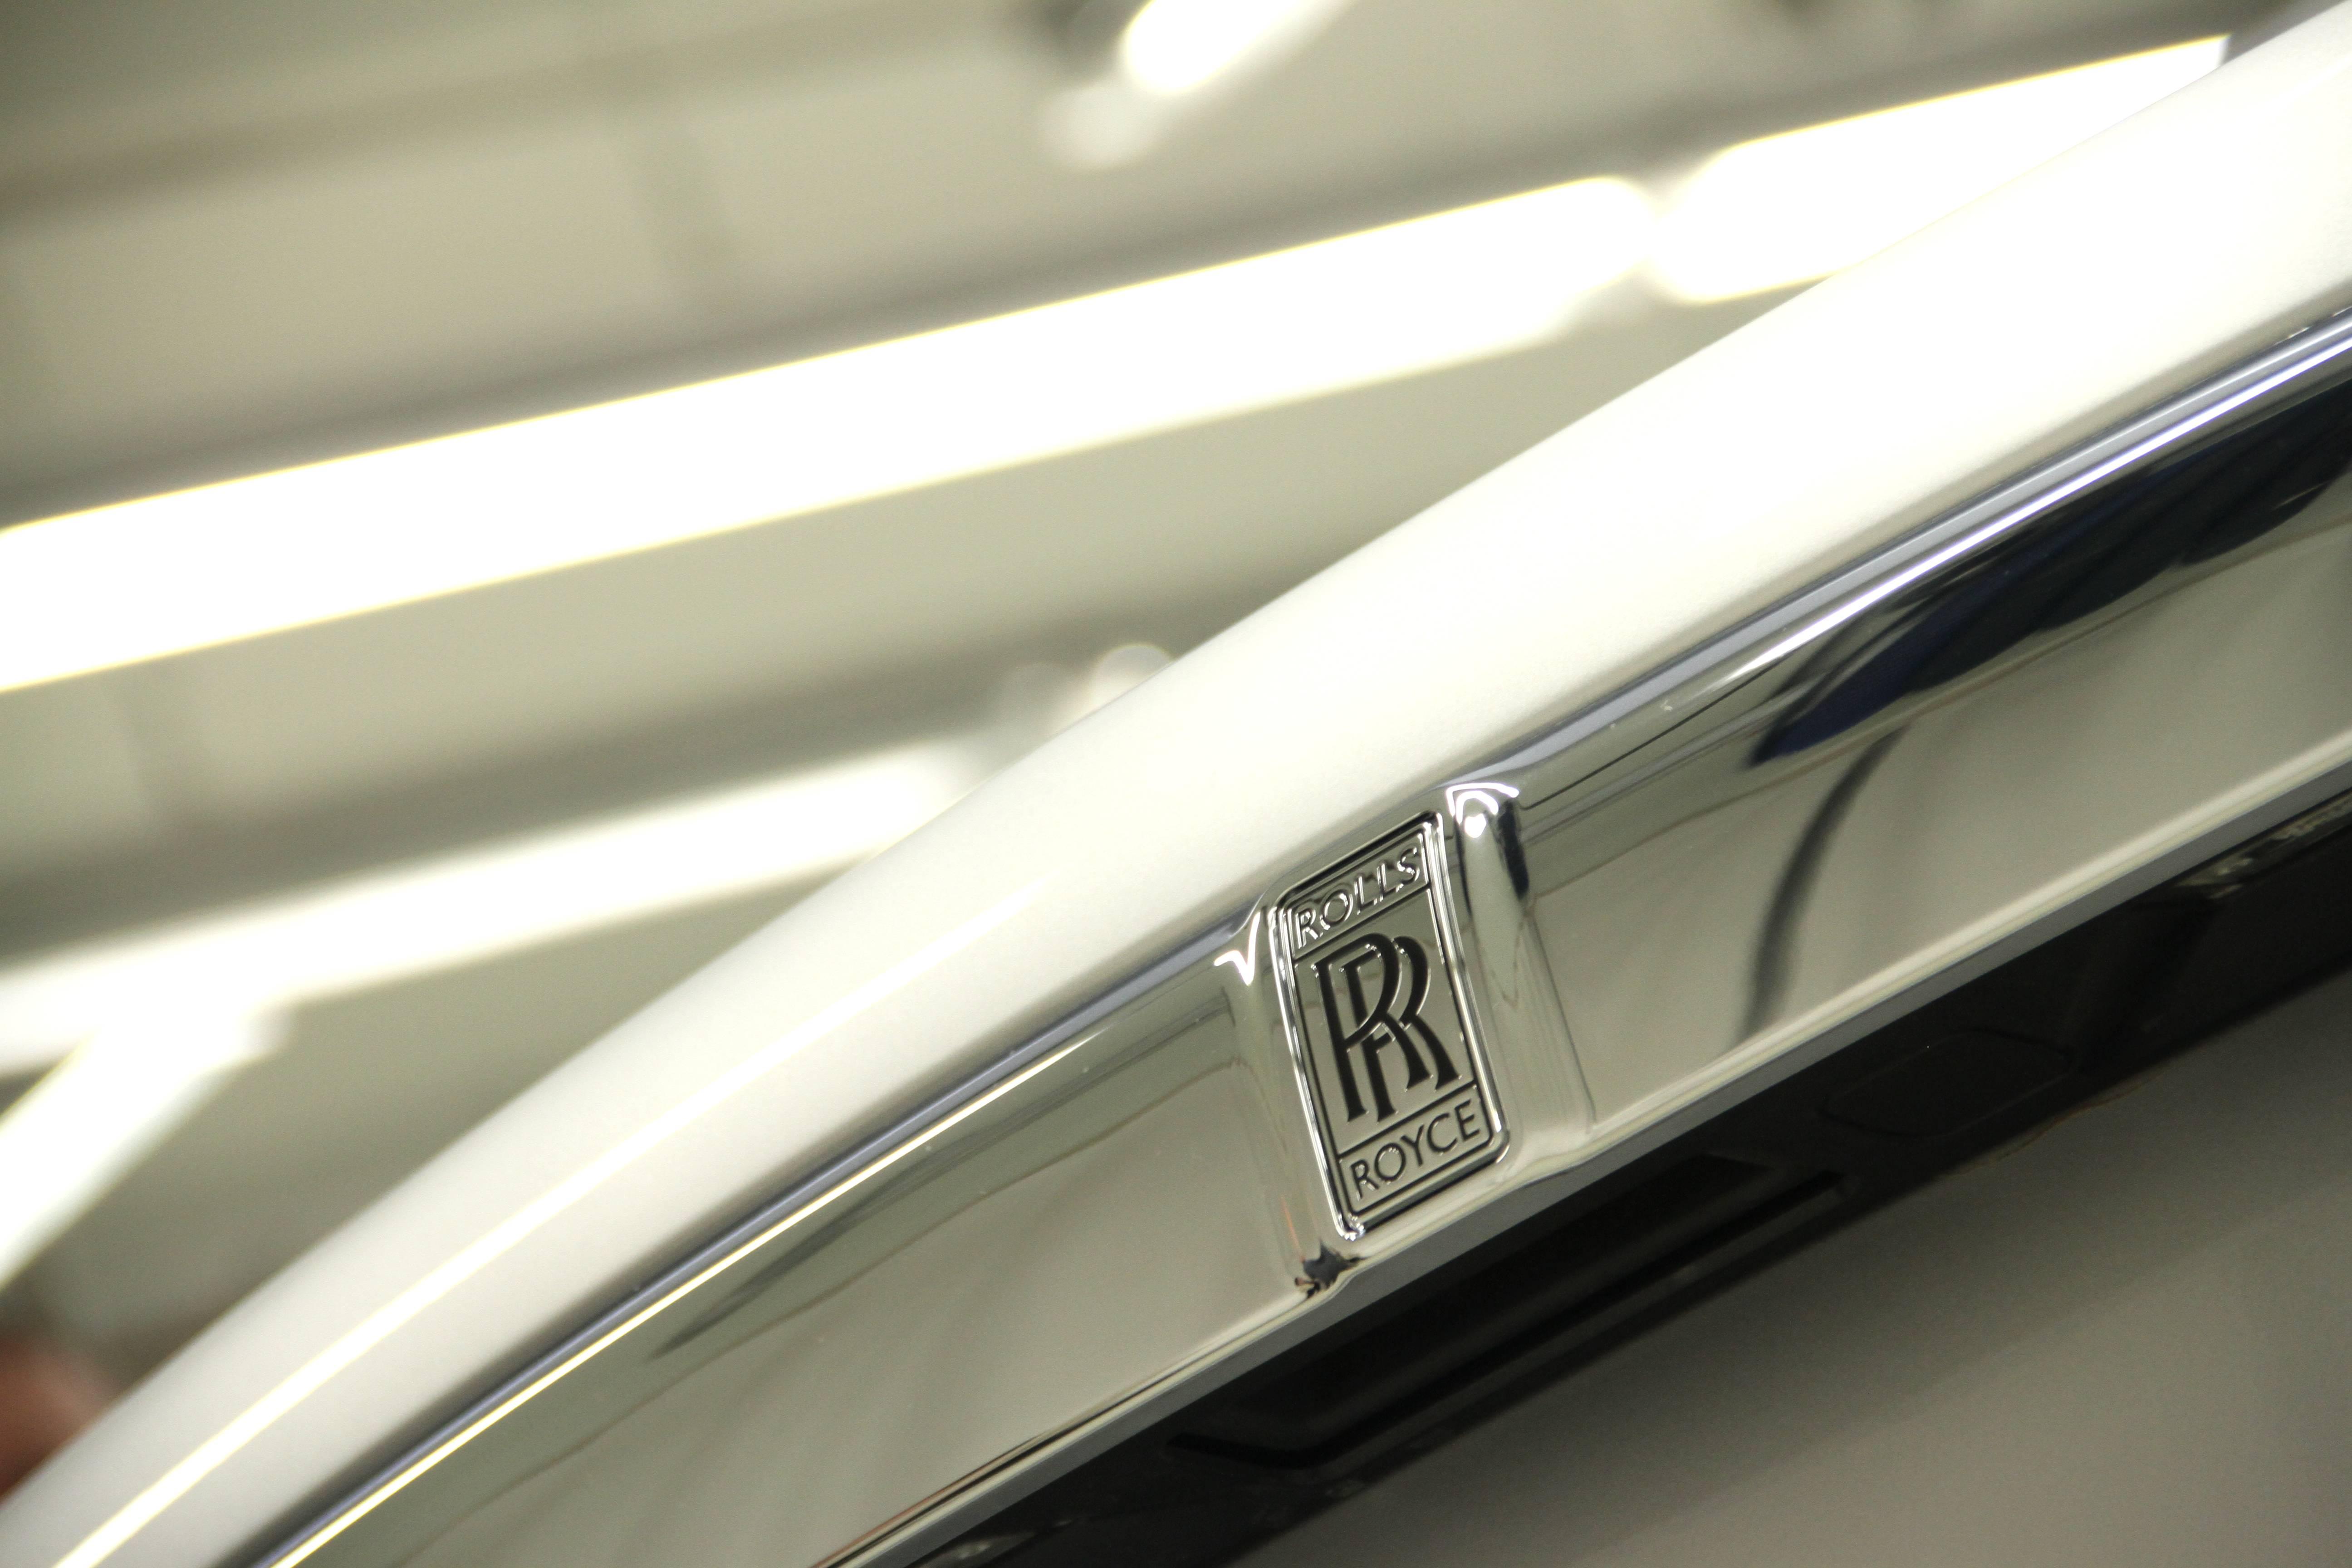 Rolls Royce Wraith Rear Badge